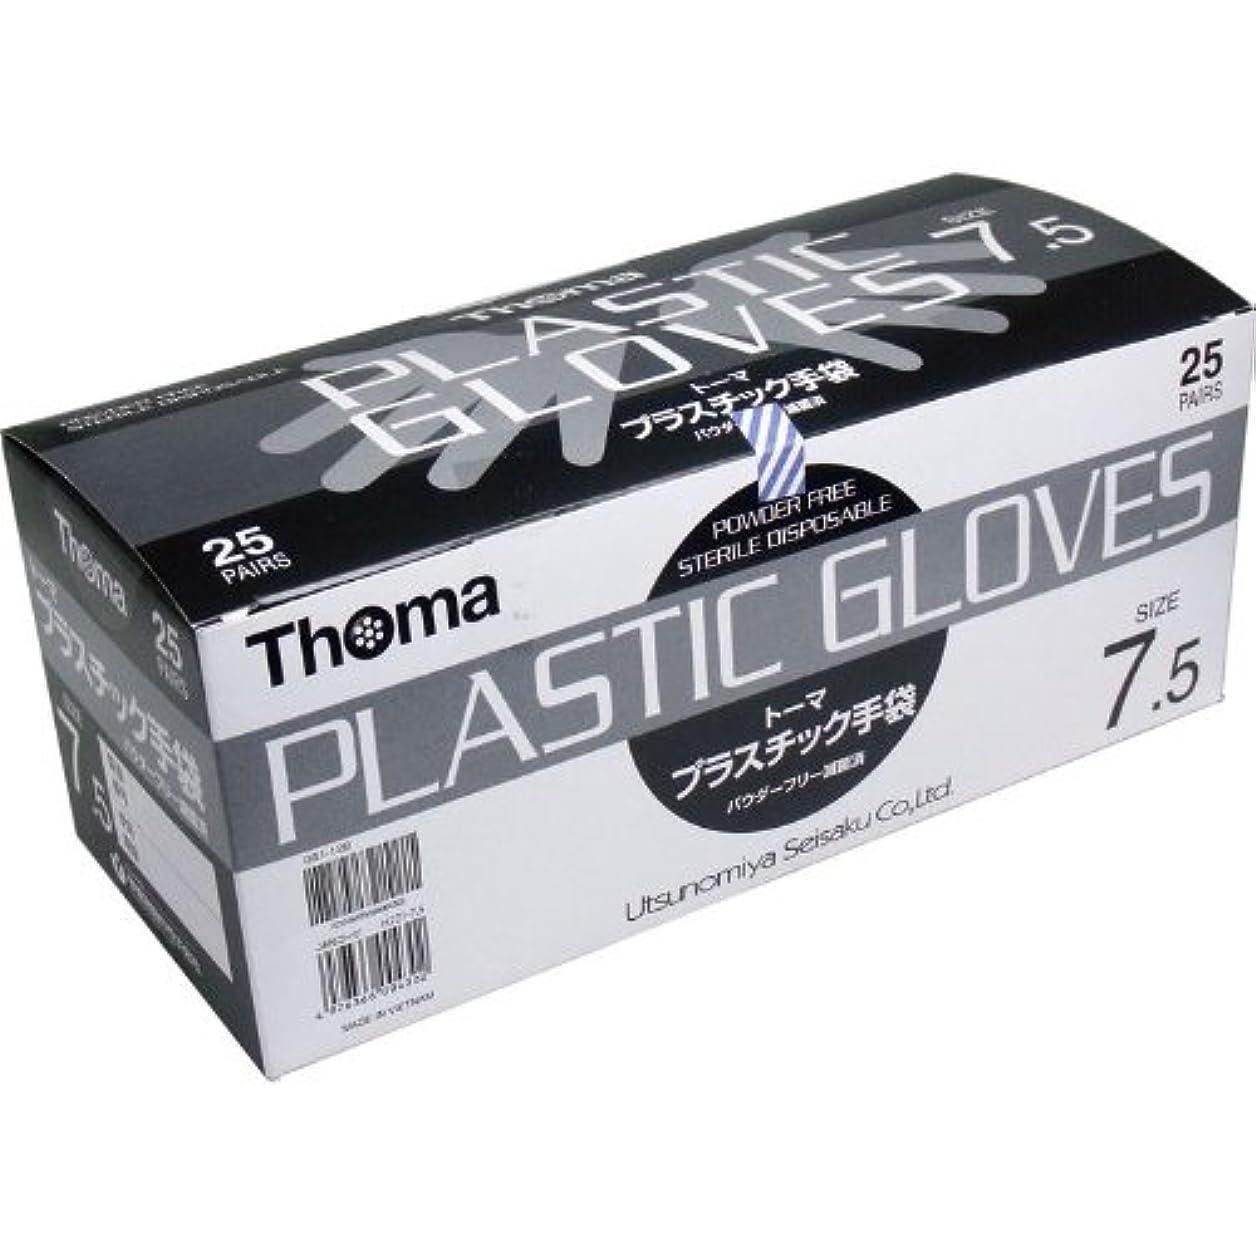 王室煙銛パウダーフリー手袋 1双毎に滅菌包装、衛生的 便利 トーマ プラスチック手袋 パウダーフリー滅菌済 25双入 サイズ7.5【4個セット】